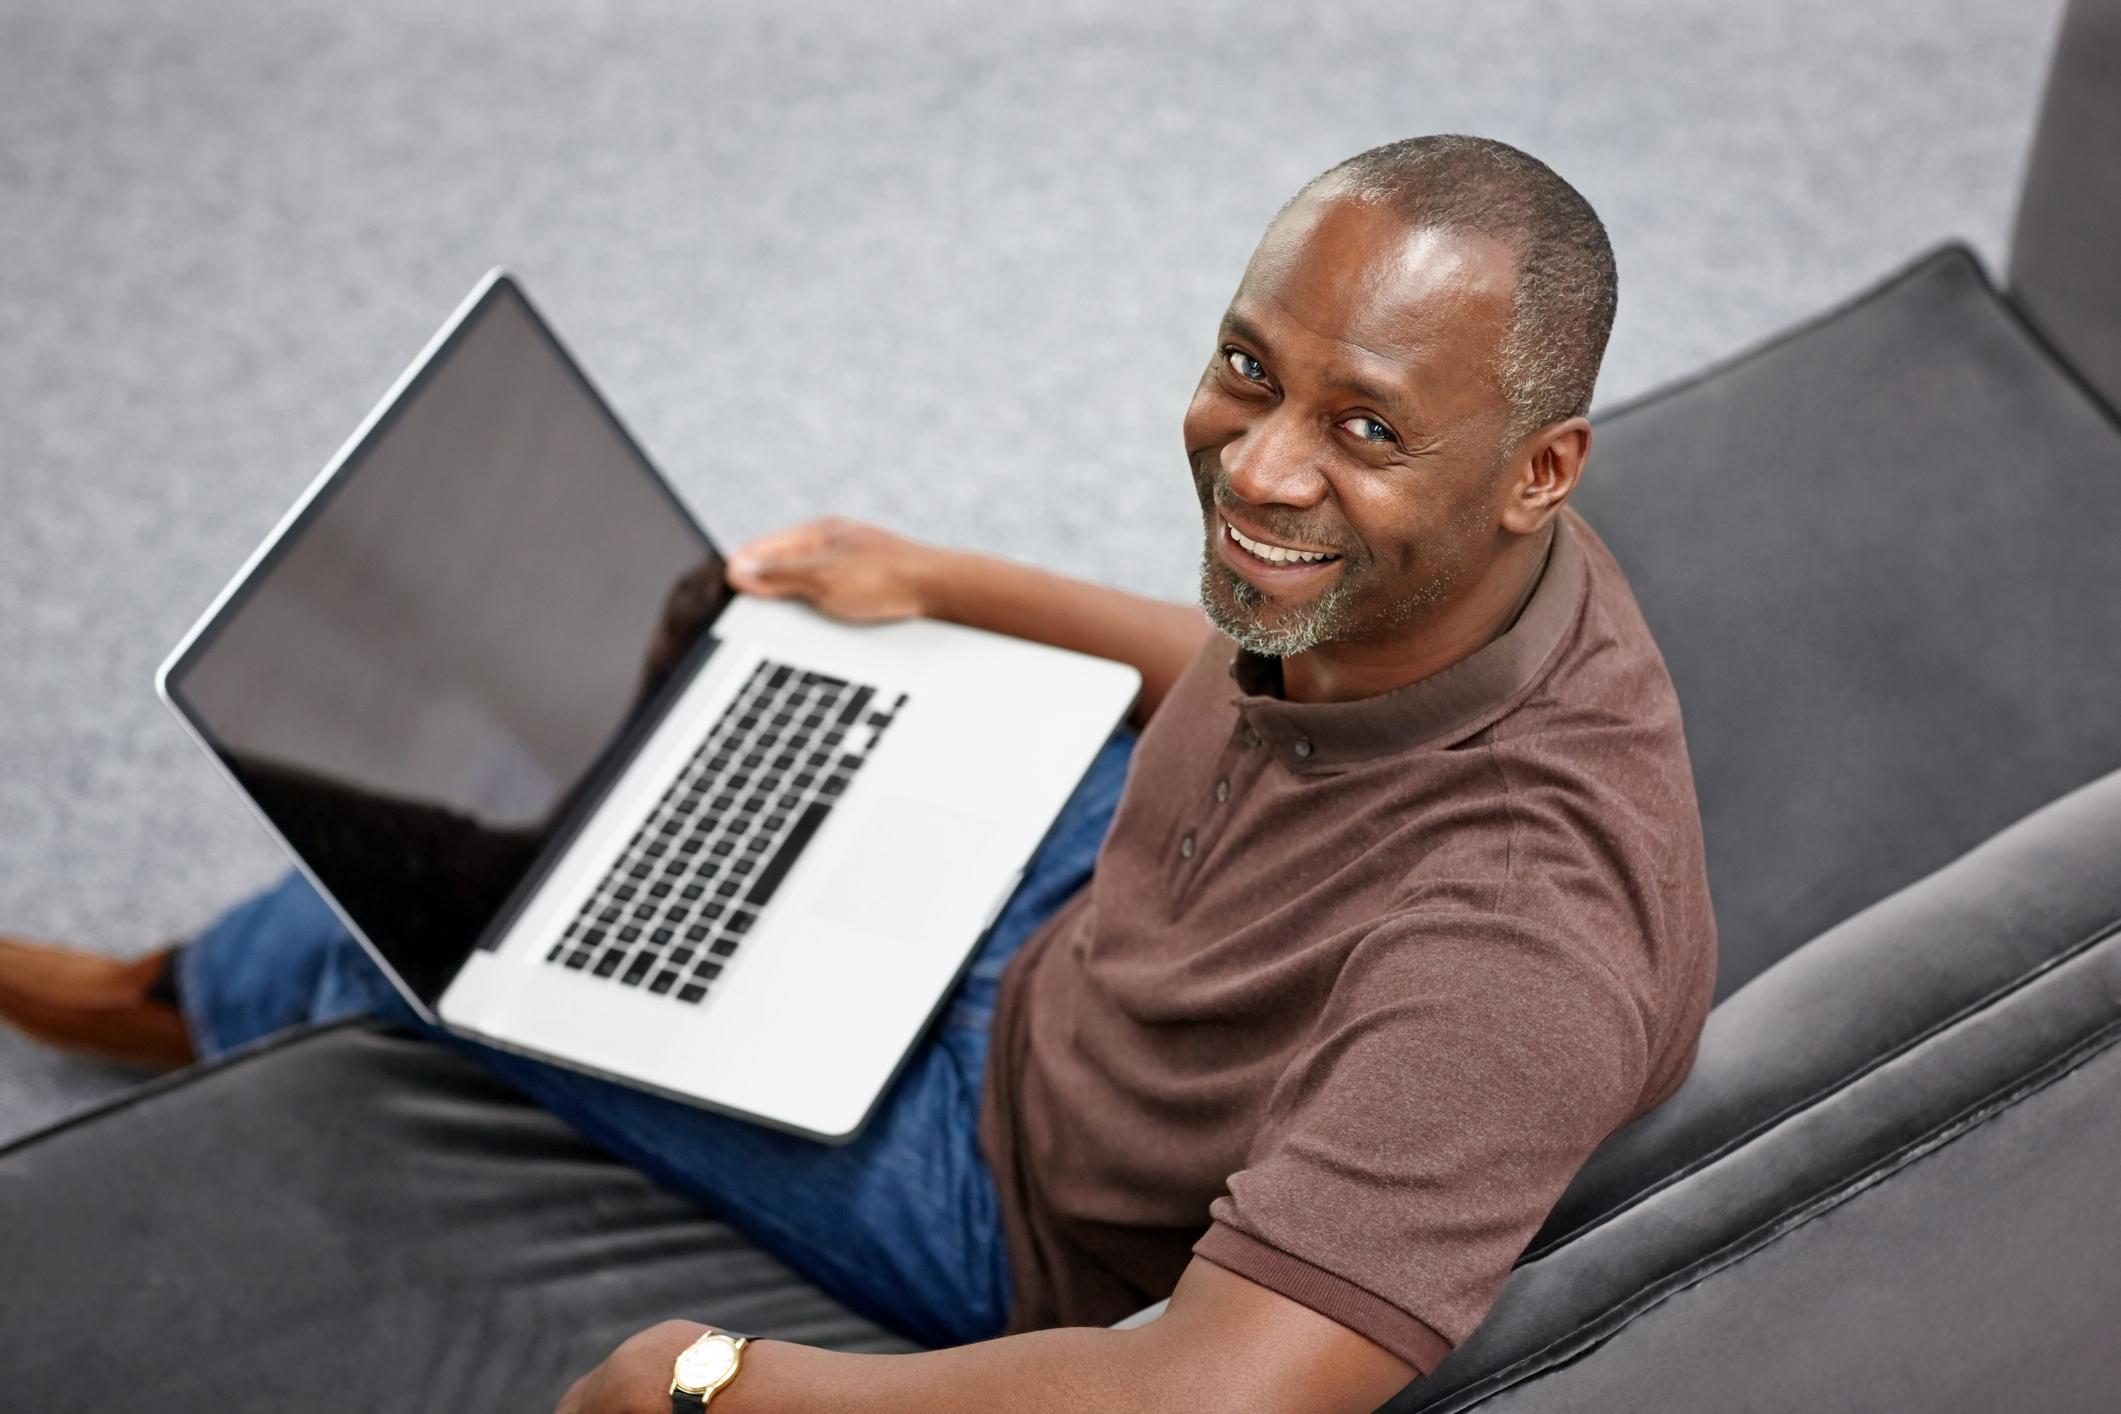 En man sitter i en soffa med en laptop i knäet. Mannen ler och tittar in i kameran.